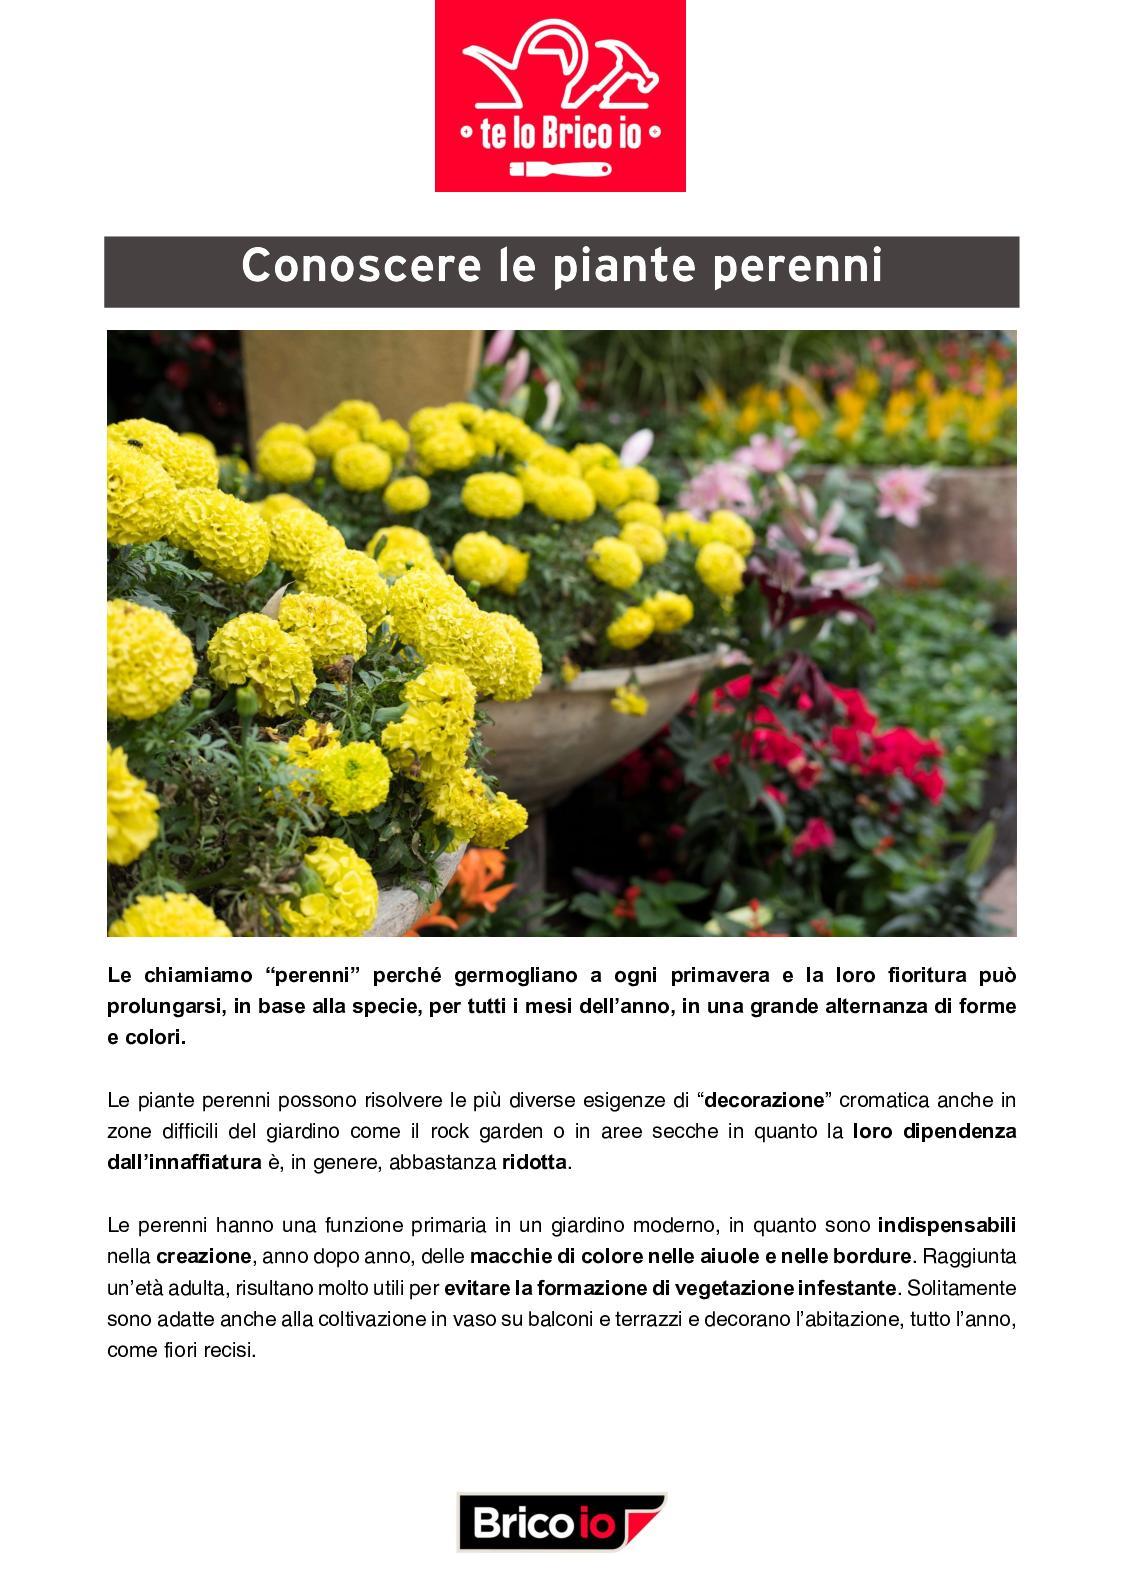 Piante Perenni Per Aiuole calaméo - conoscere le piante perenni